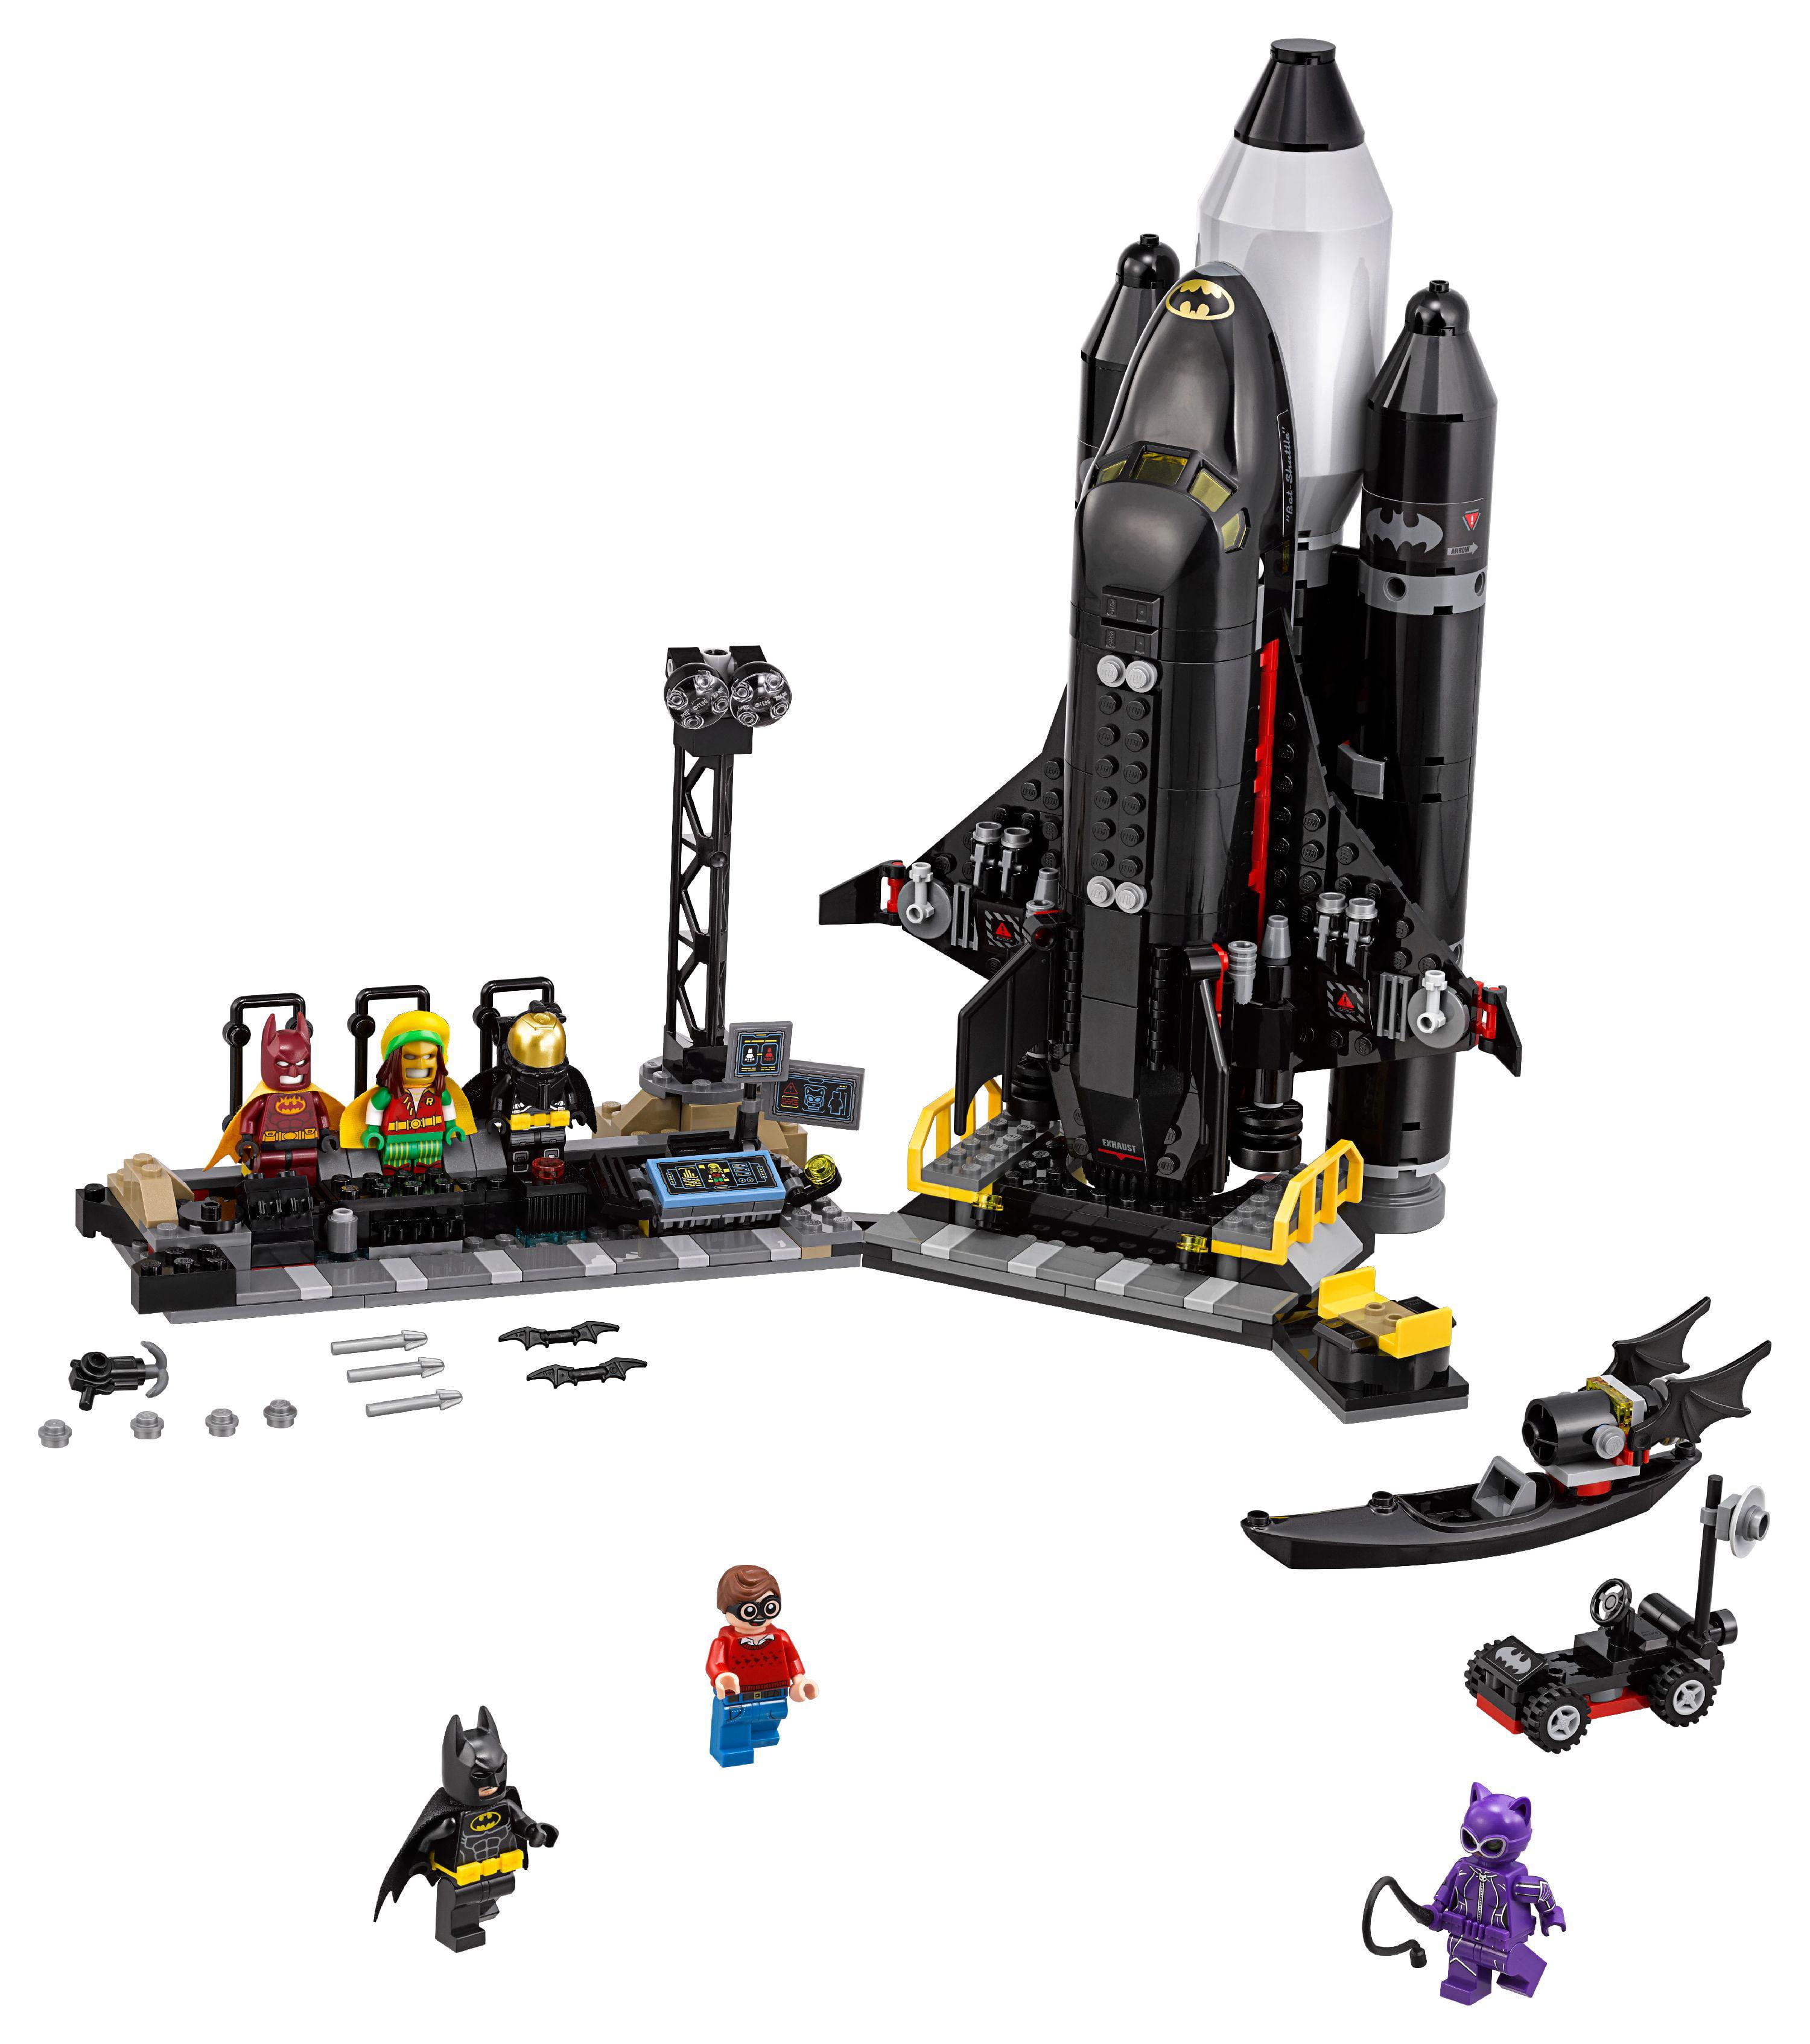 Lego Batman Movie The Bat-Space Shuttle 70923 by LEGO System Inc